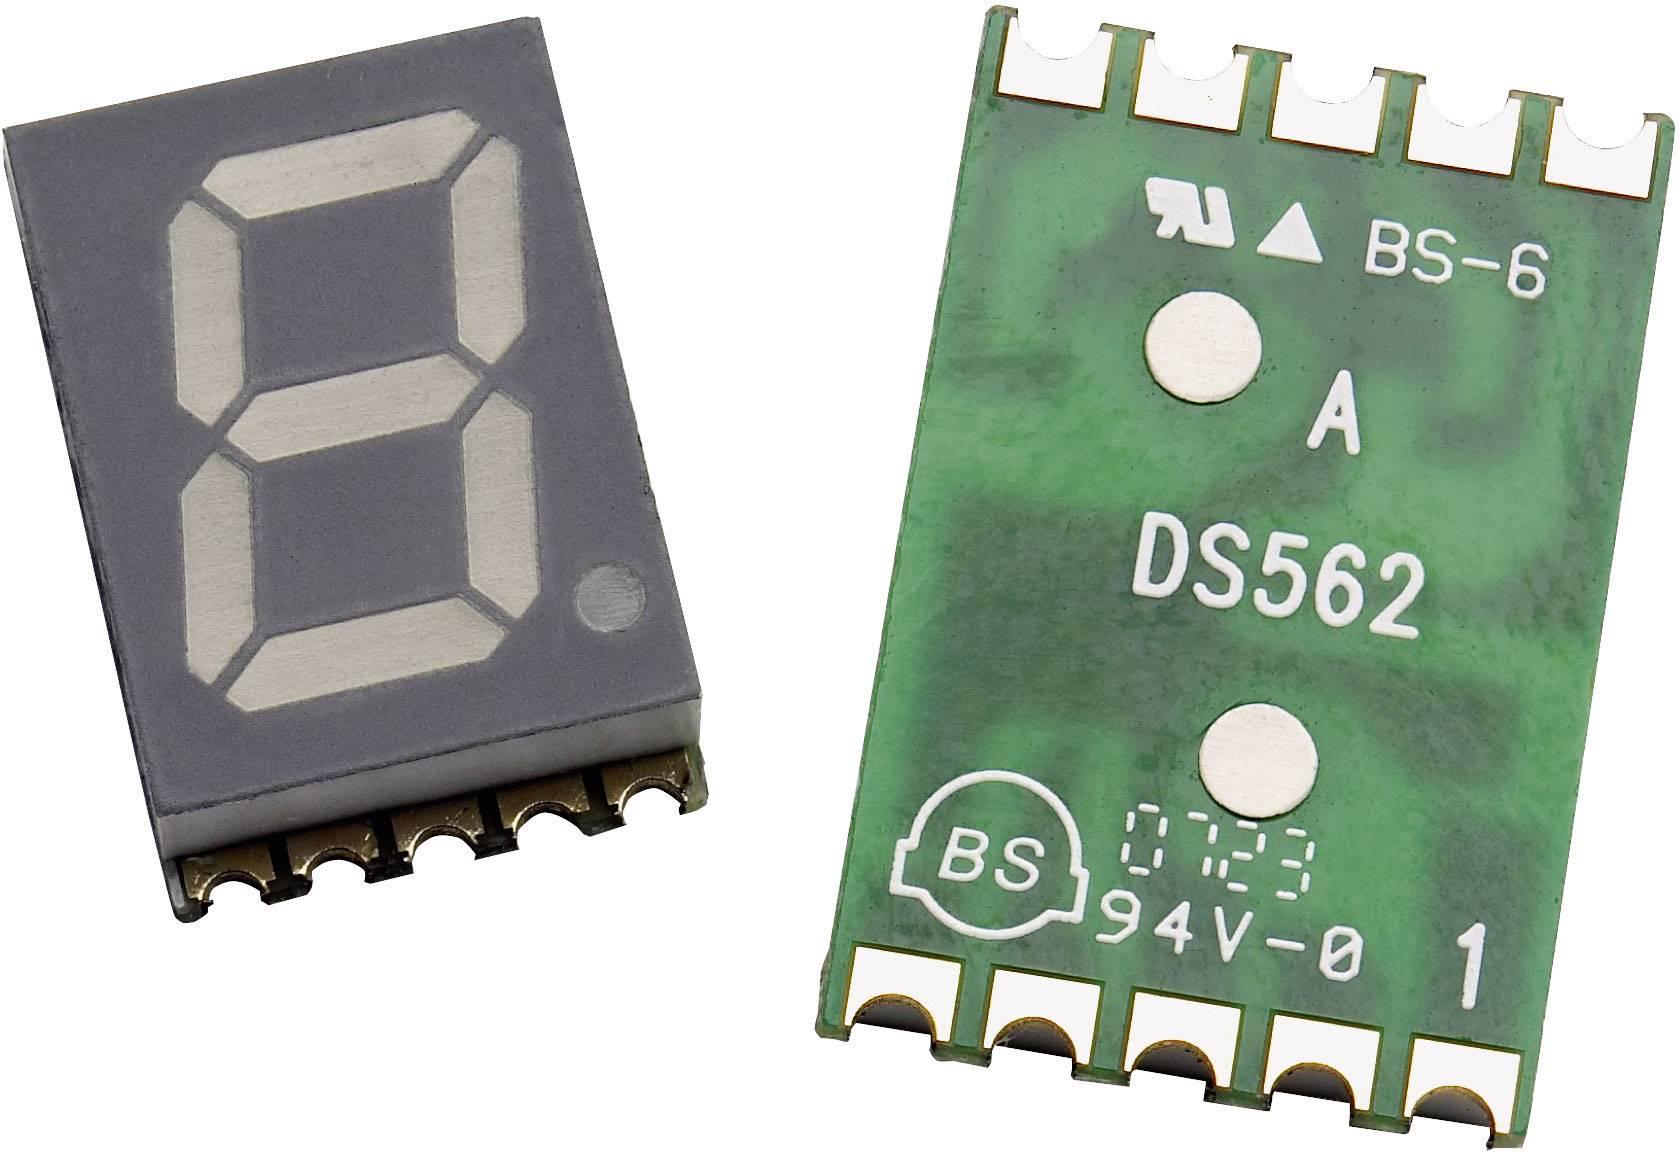 7-segmentový displej Broadcom HDSM-531H, číslic 1, 14.22 mm, 2.1 V, zelená